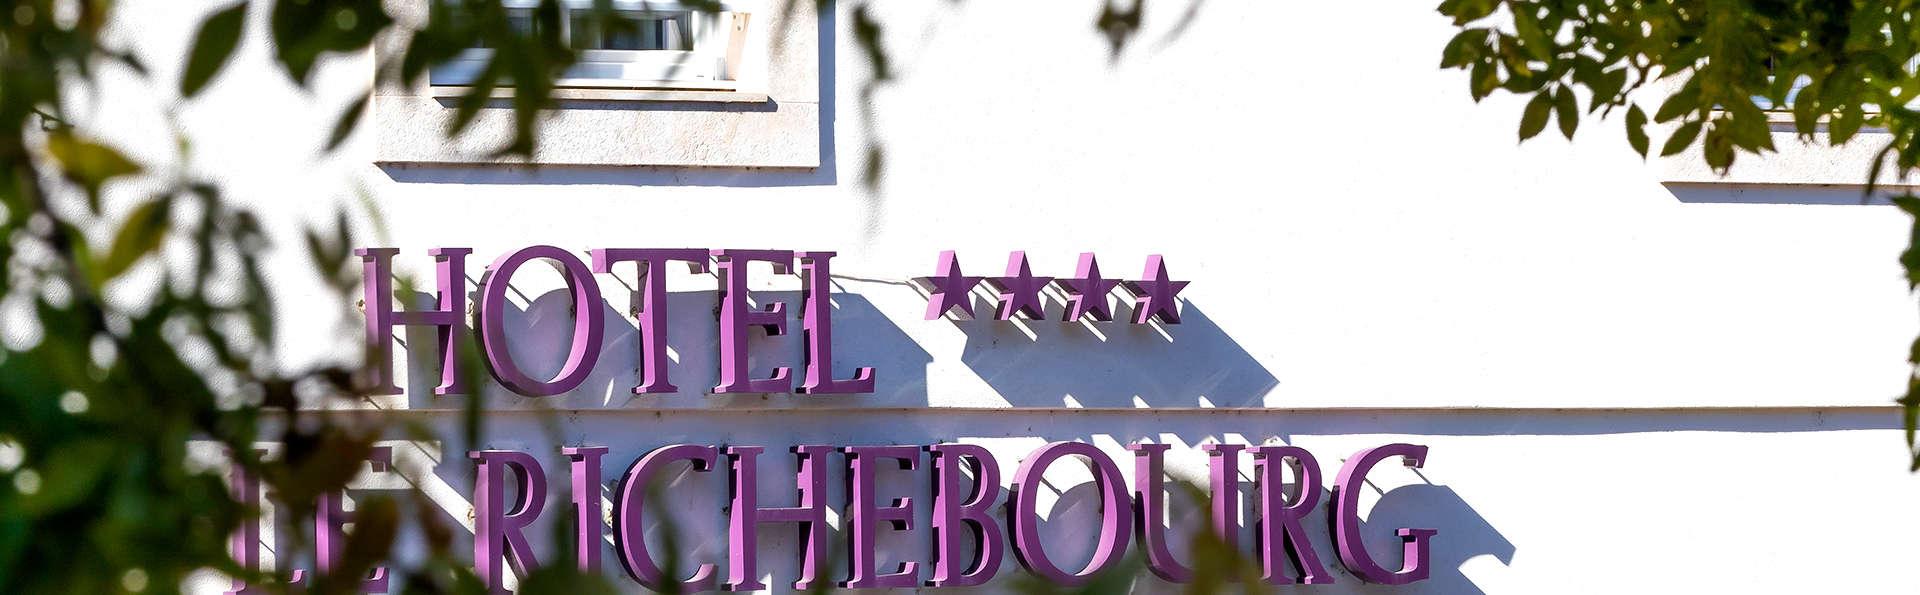 Le Richebourg Hôtel Restaurant et Spa - EDIT_NEW_FRONT.jpg